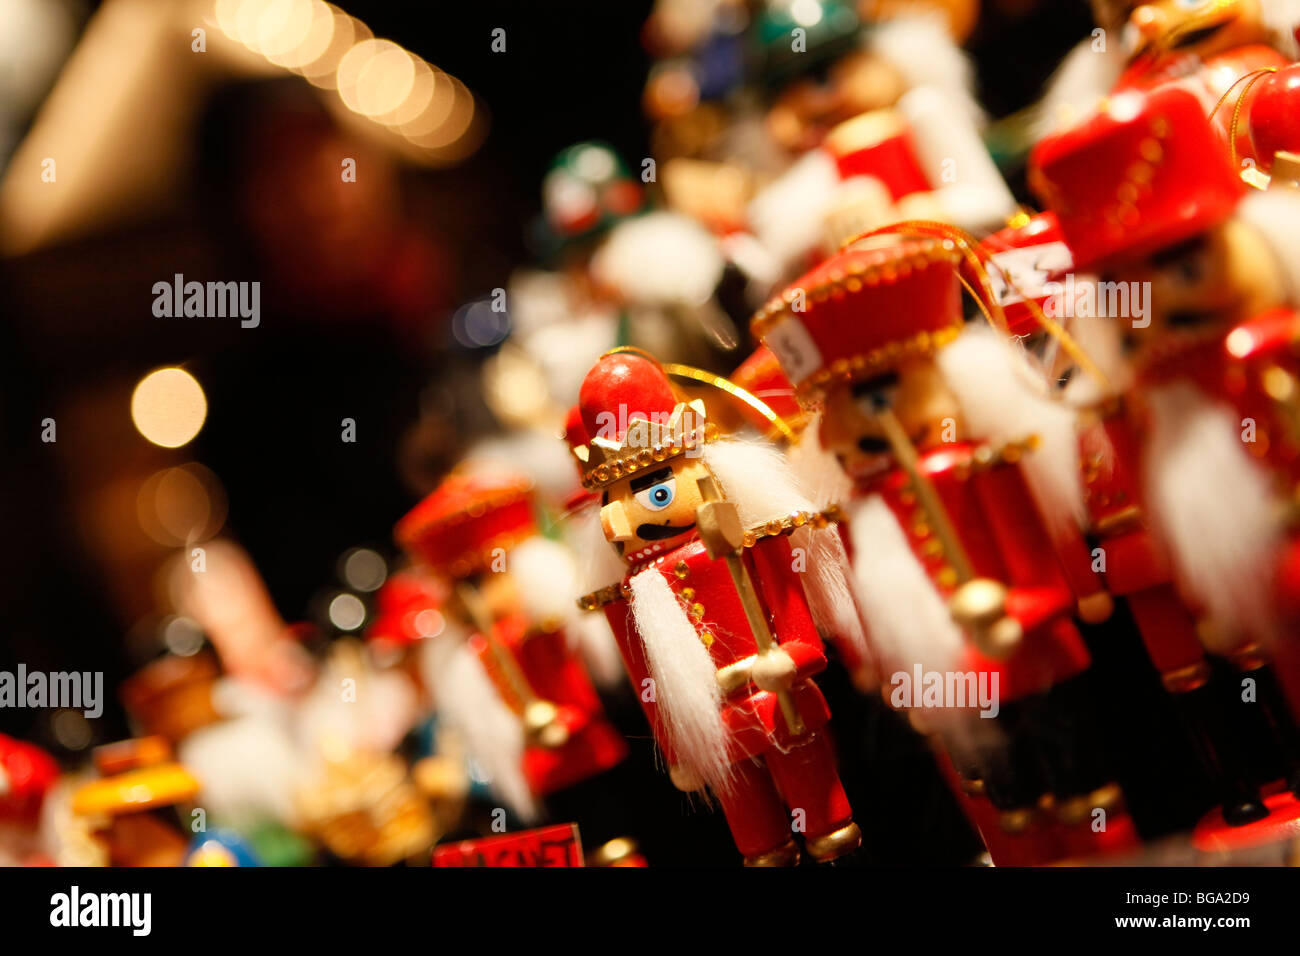 En el mercado alemán en Bimingham City Centre en Navidad. Juguete tradicional hecha a mano. Imagen De Stock